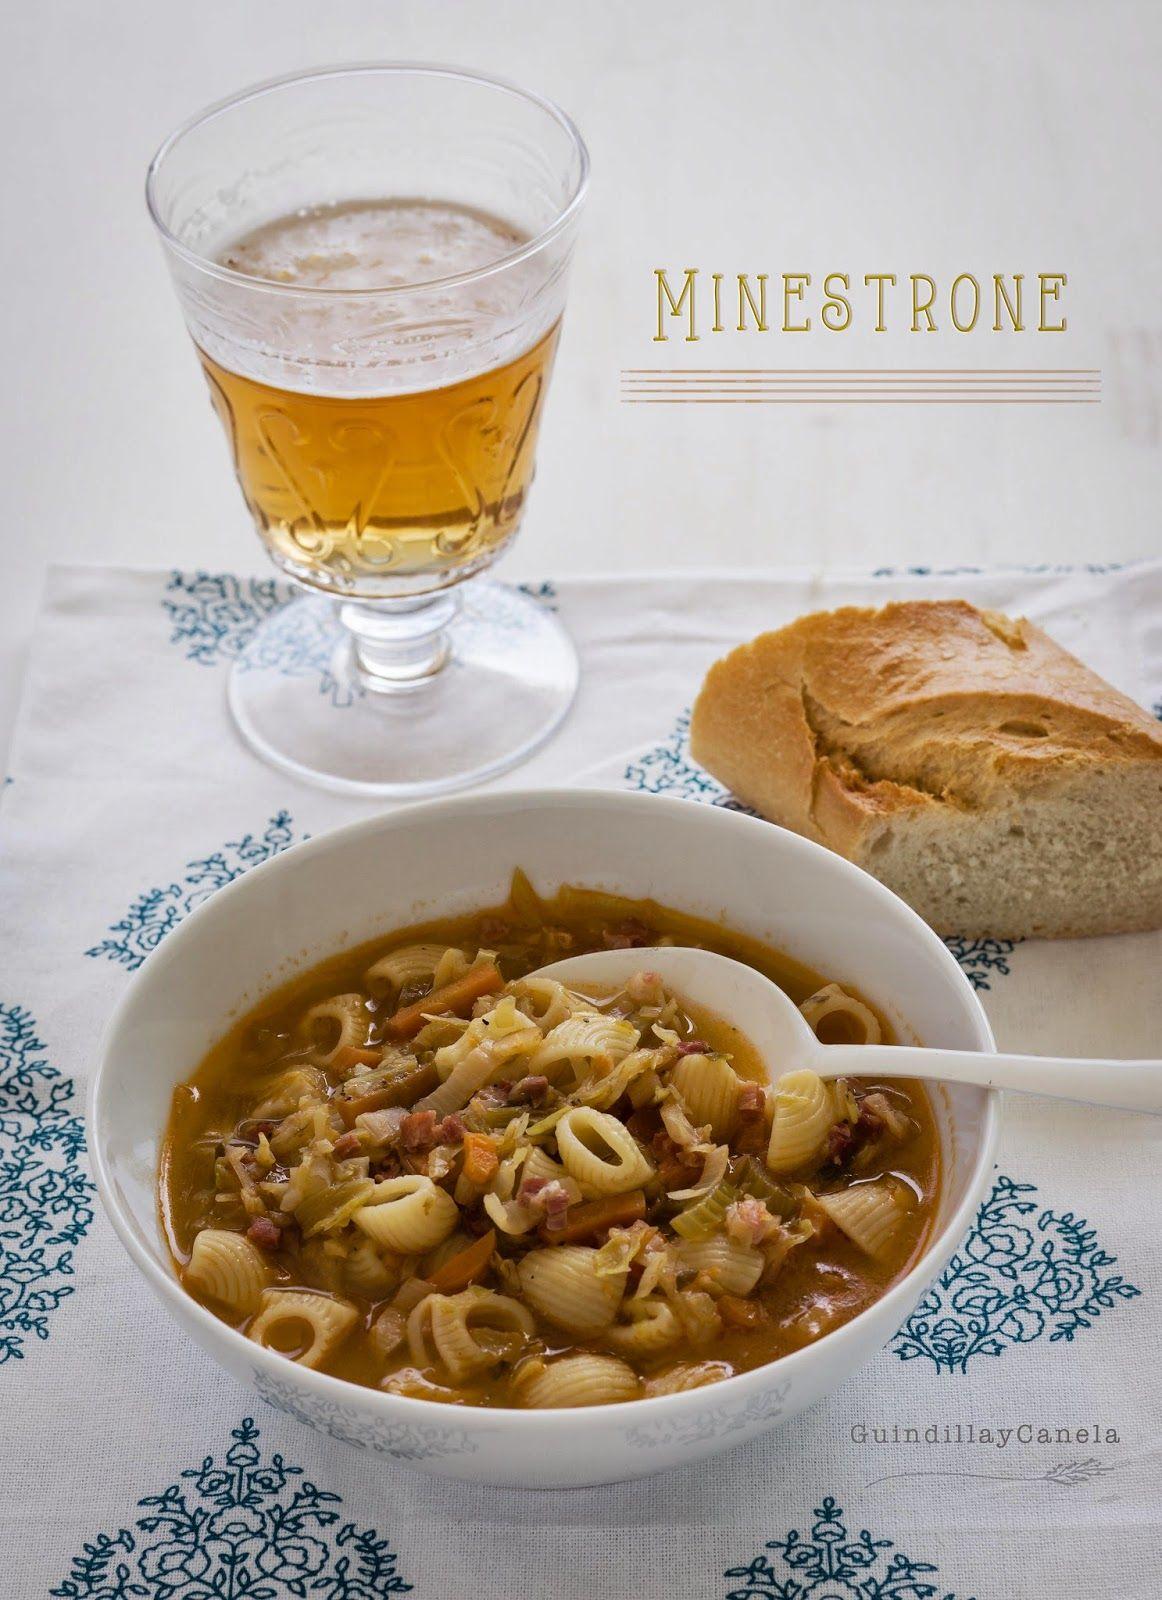 Guindilla y Canela: Minestrone. Sopa jardinera con pasta y jamón.